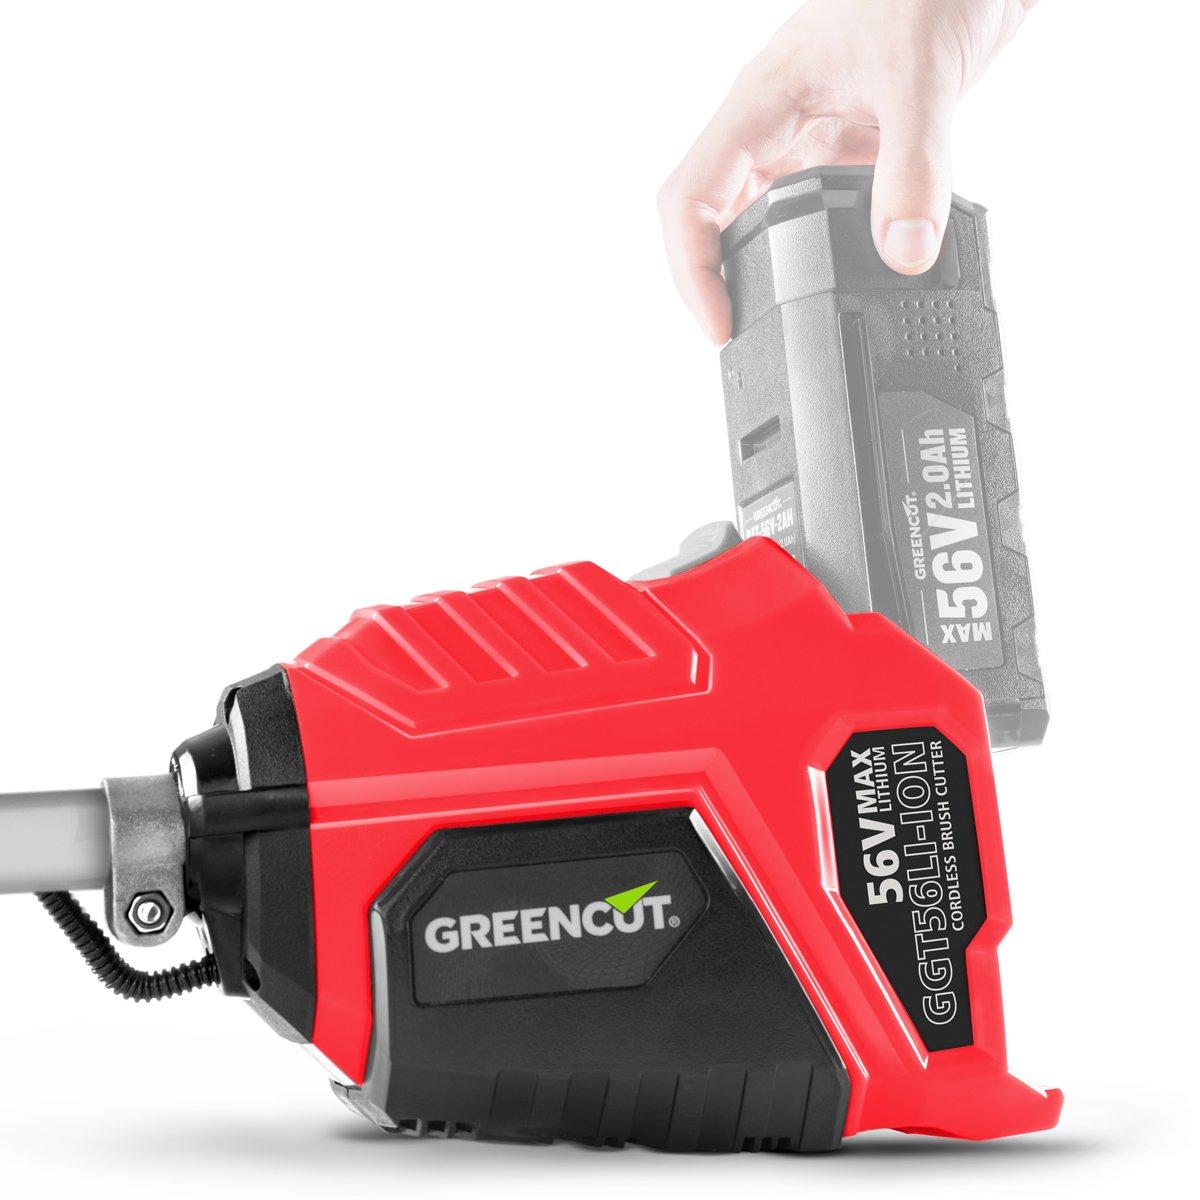 Greencut GGT56LI-ION - Desbrozadora con batería de lítio, 56V - 2,0Ah/4,0Ah